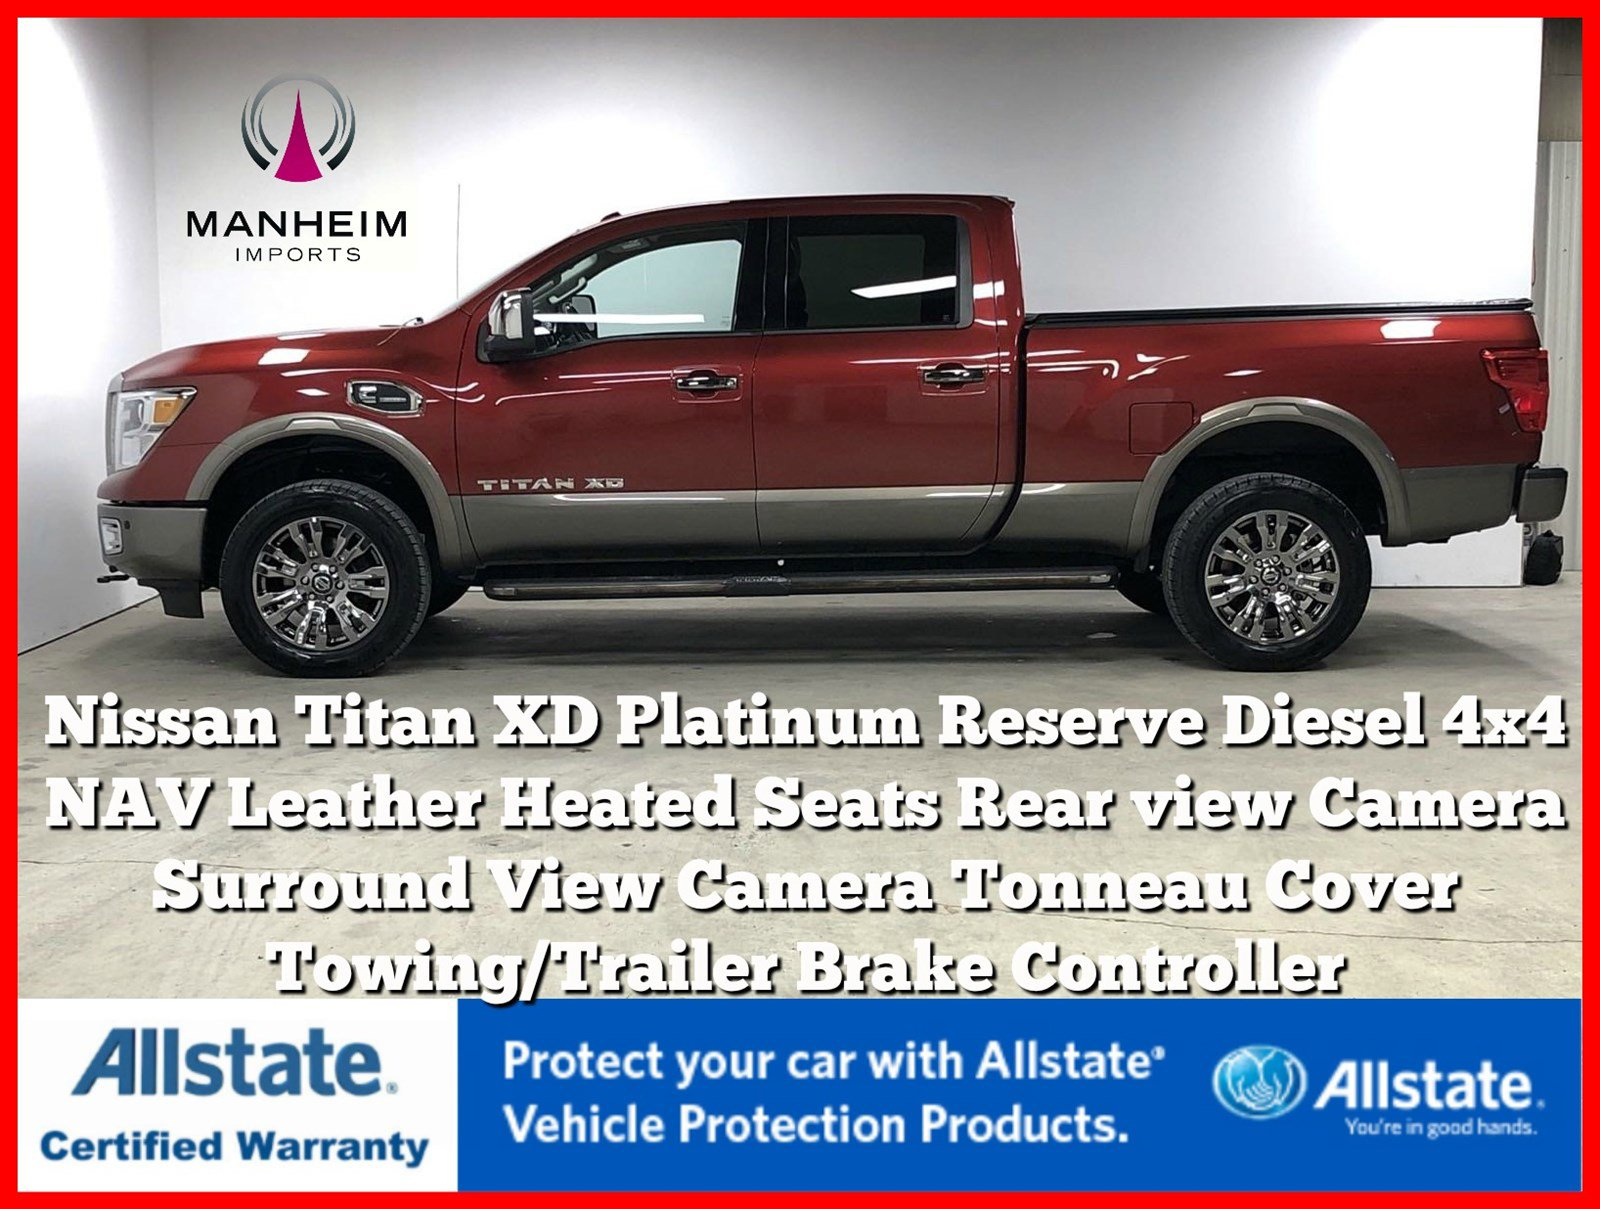 Pre-Owned 2016 Nissan Titan XD Platinum Reserve Diesel 4x4